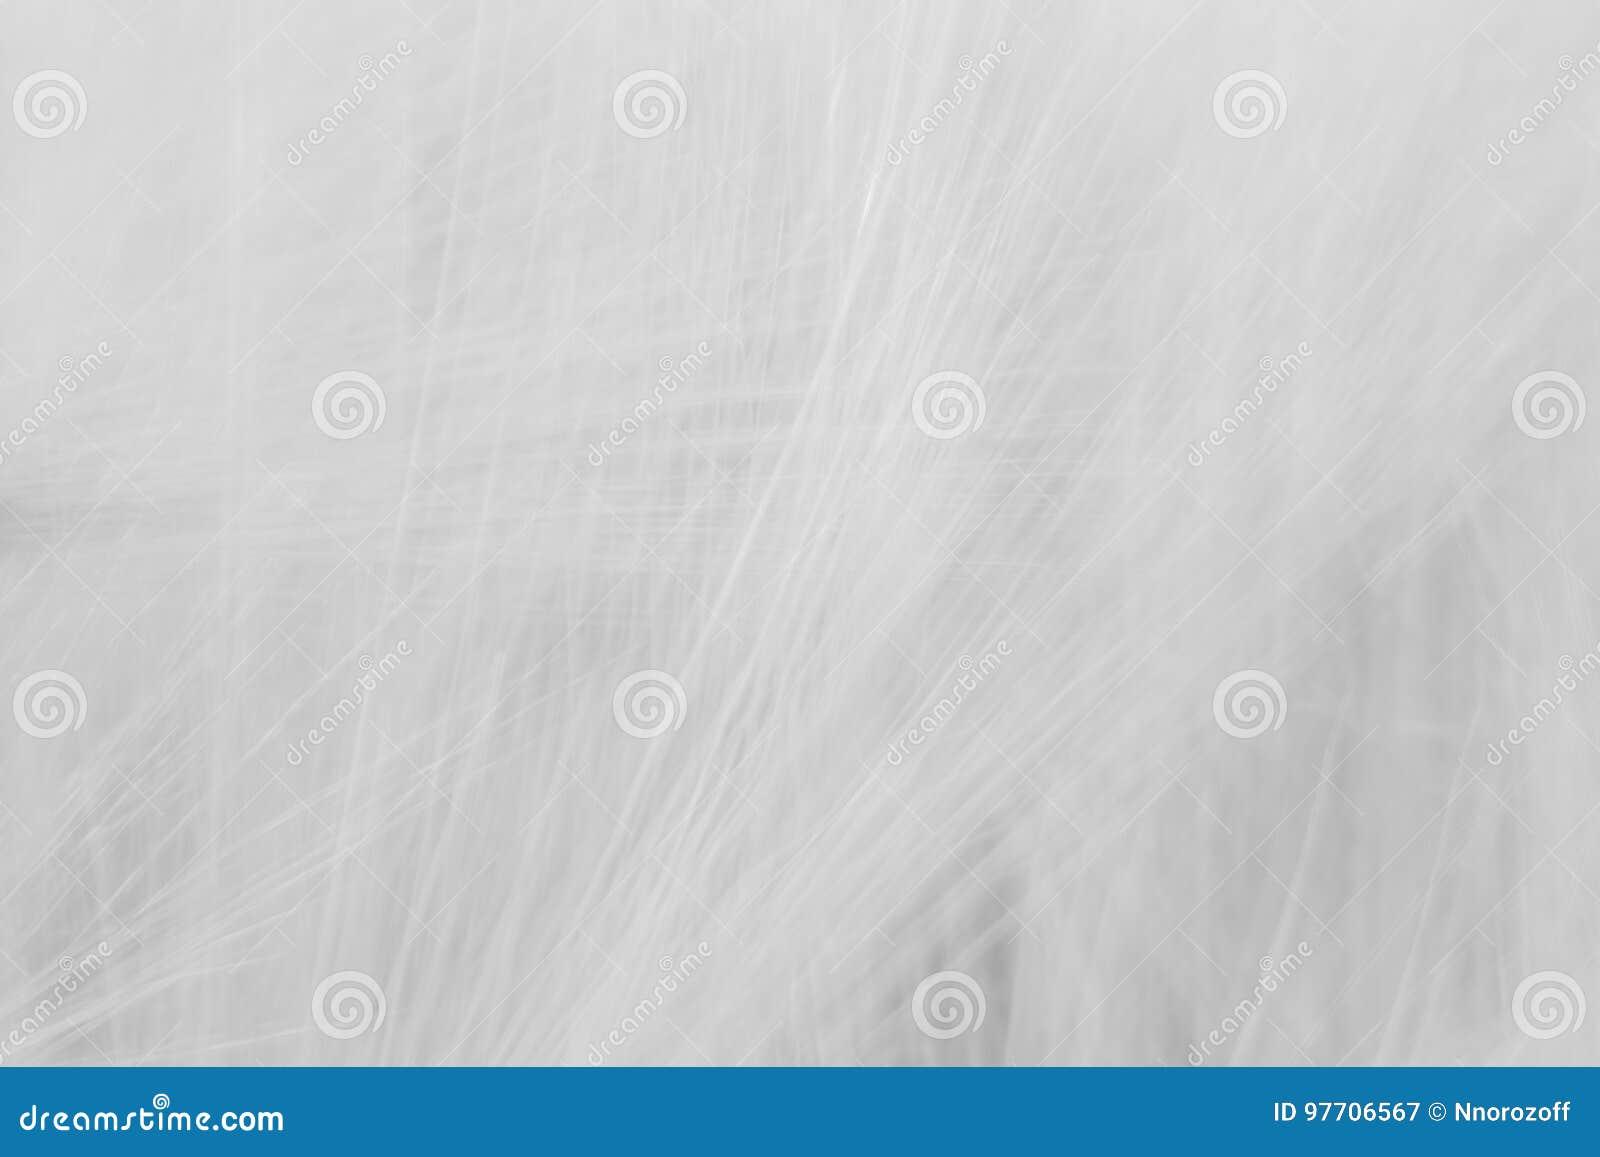 Fundo abstrato cinzento borrado com uma predominância das linhas